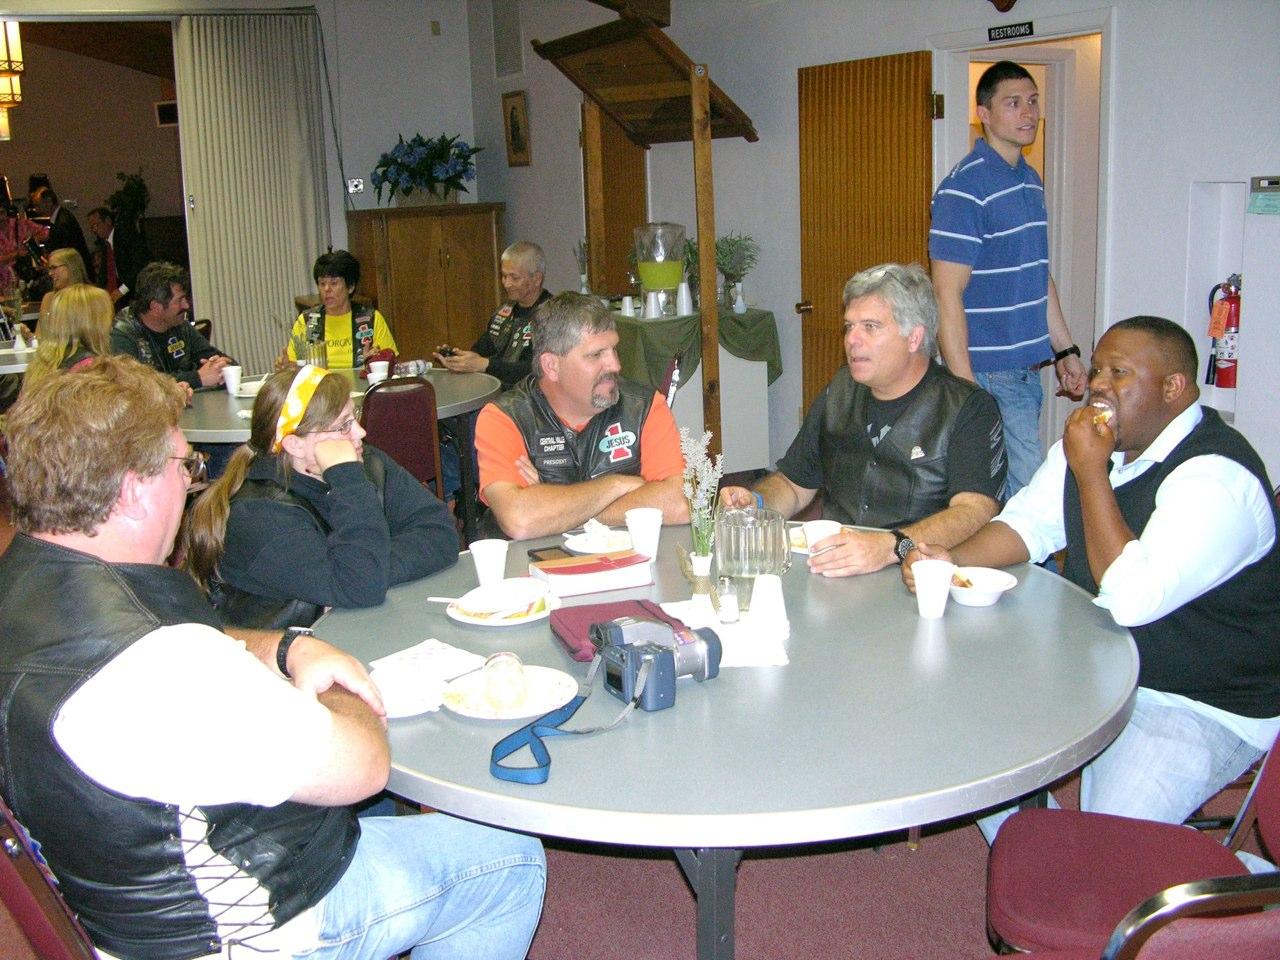 Biker Sabbath-Near table l to r Steve Allie Kevin Jonathan DJ Back table l to r Liz Wally Kim Akira.jpg